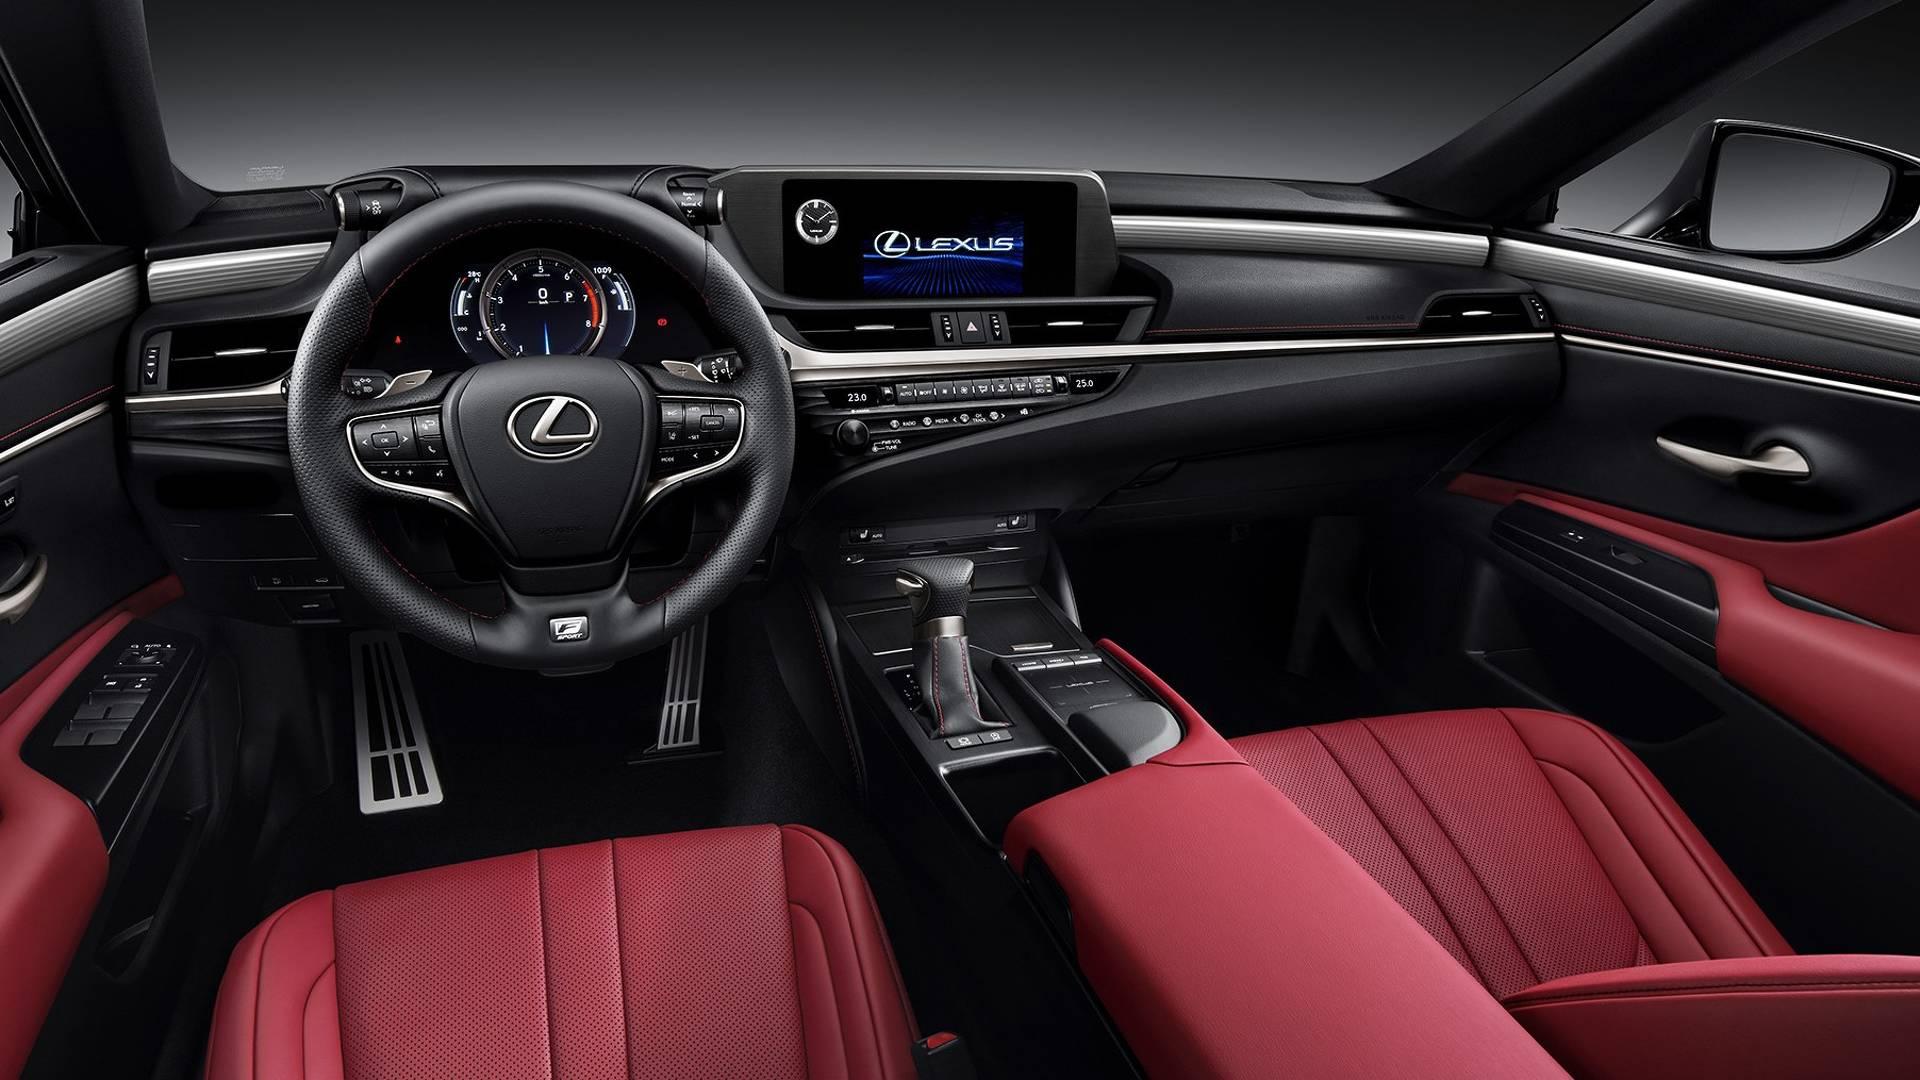 Nový Lexus ES (2019): více luxusu a nová technika | Auta a ...